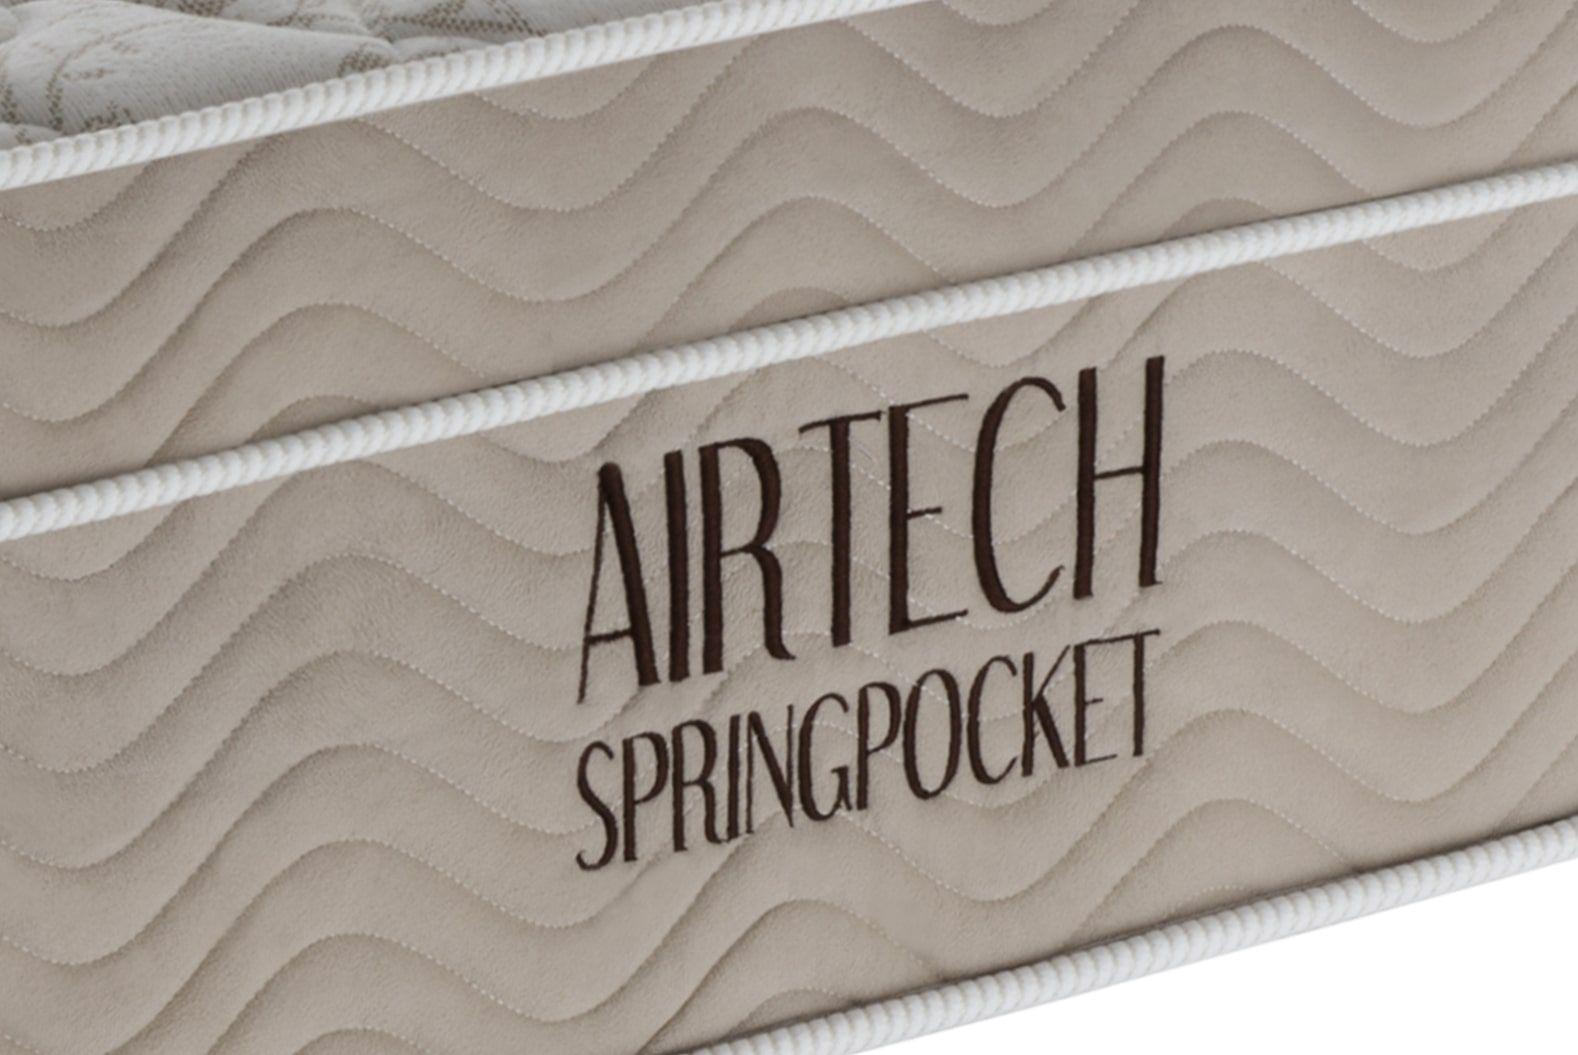 COLCHÃO ORTOBOM AIRTECH SPRING POCKET SOLTEIRO (78x188x30cm)